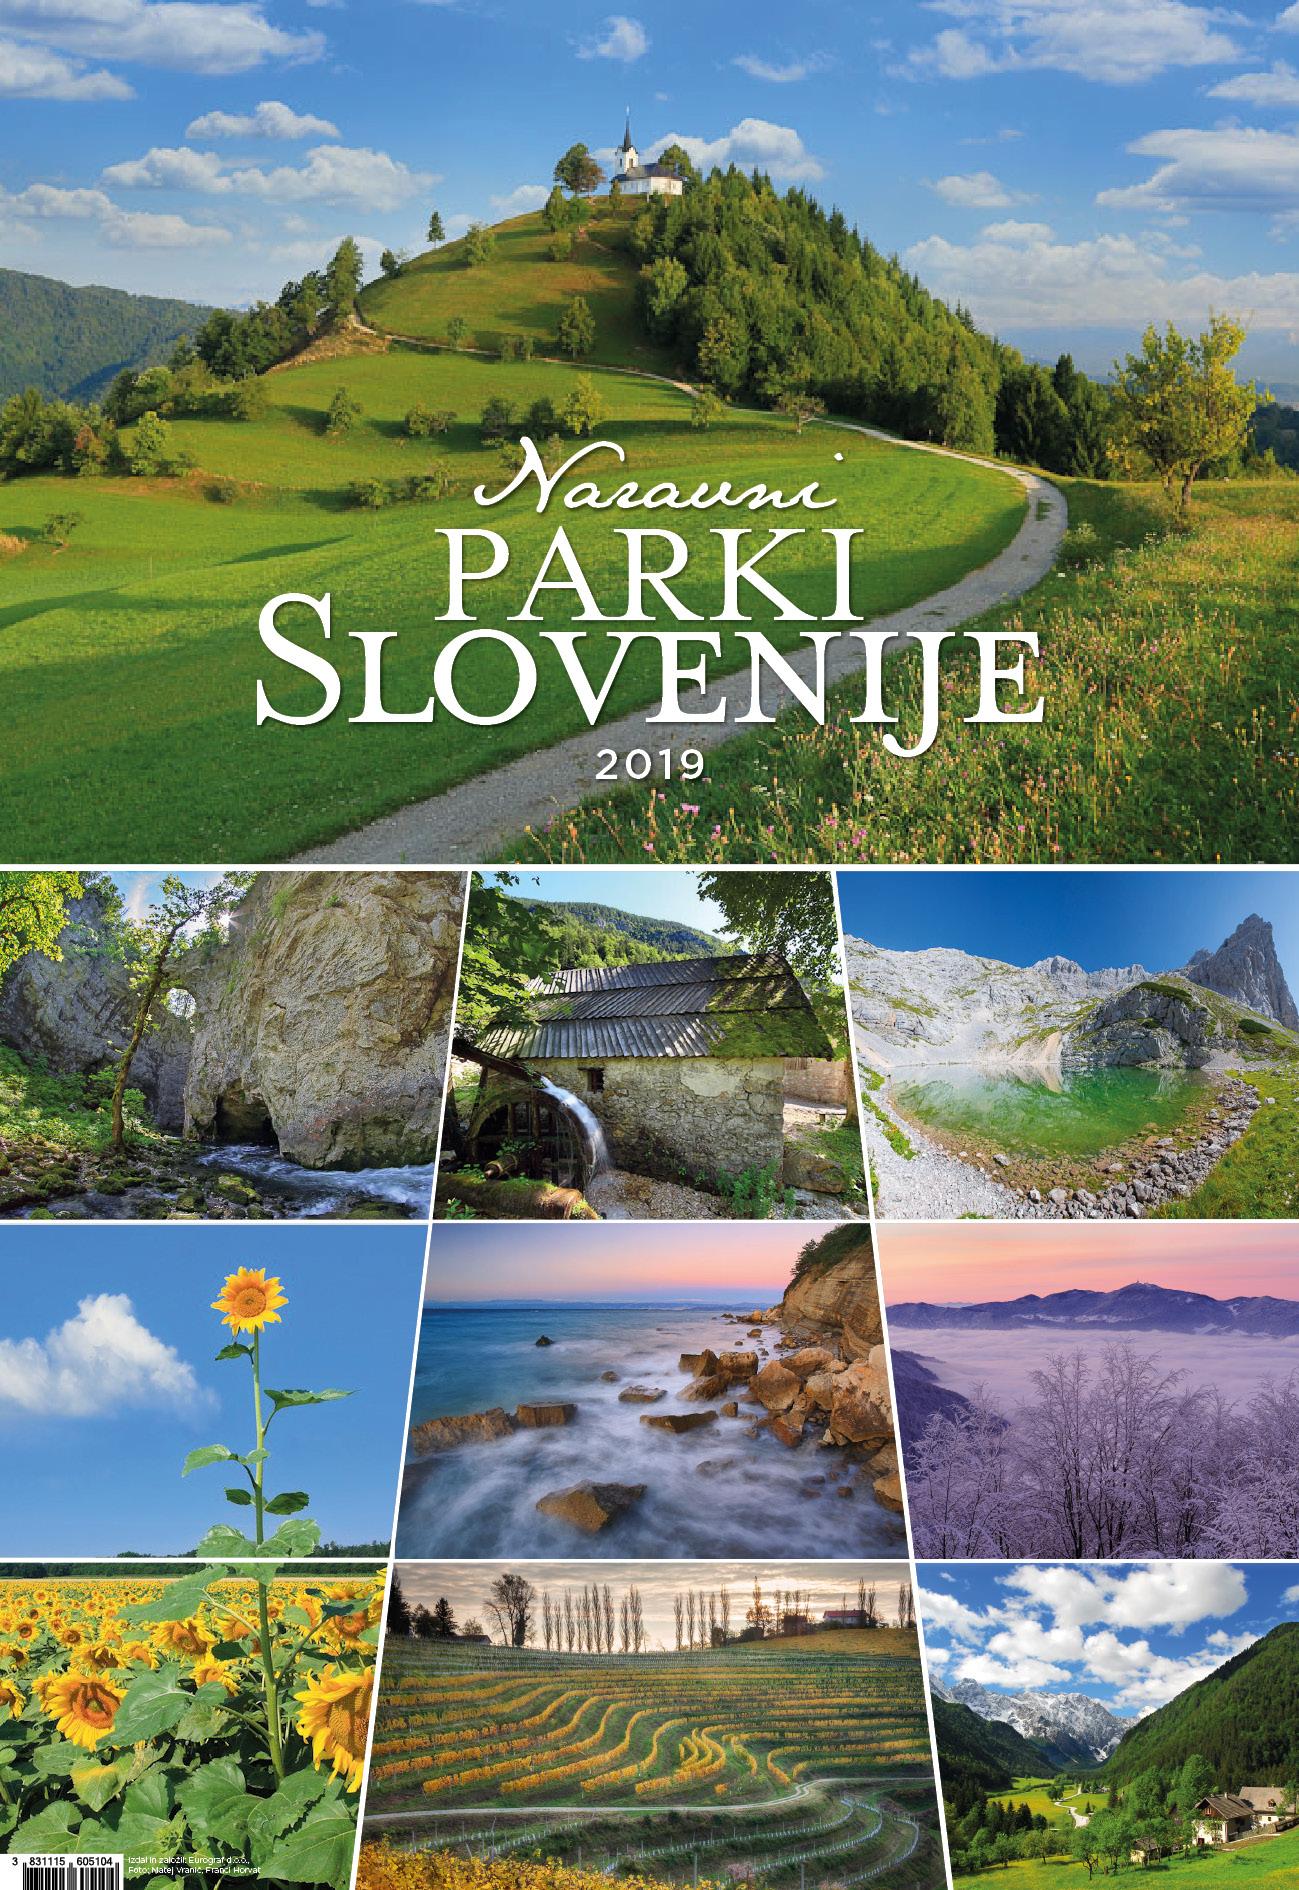 Rezultat iskanja slik za naravni parki slovenije